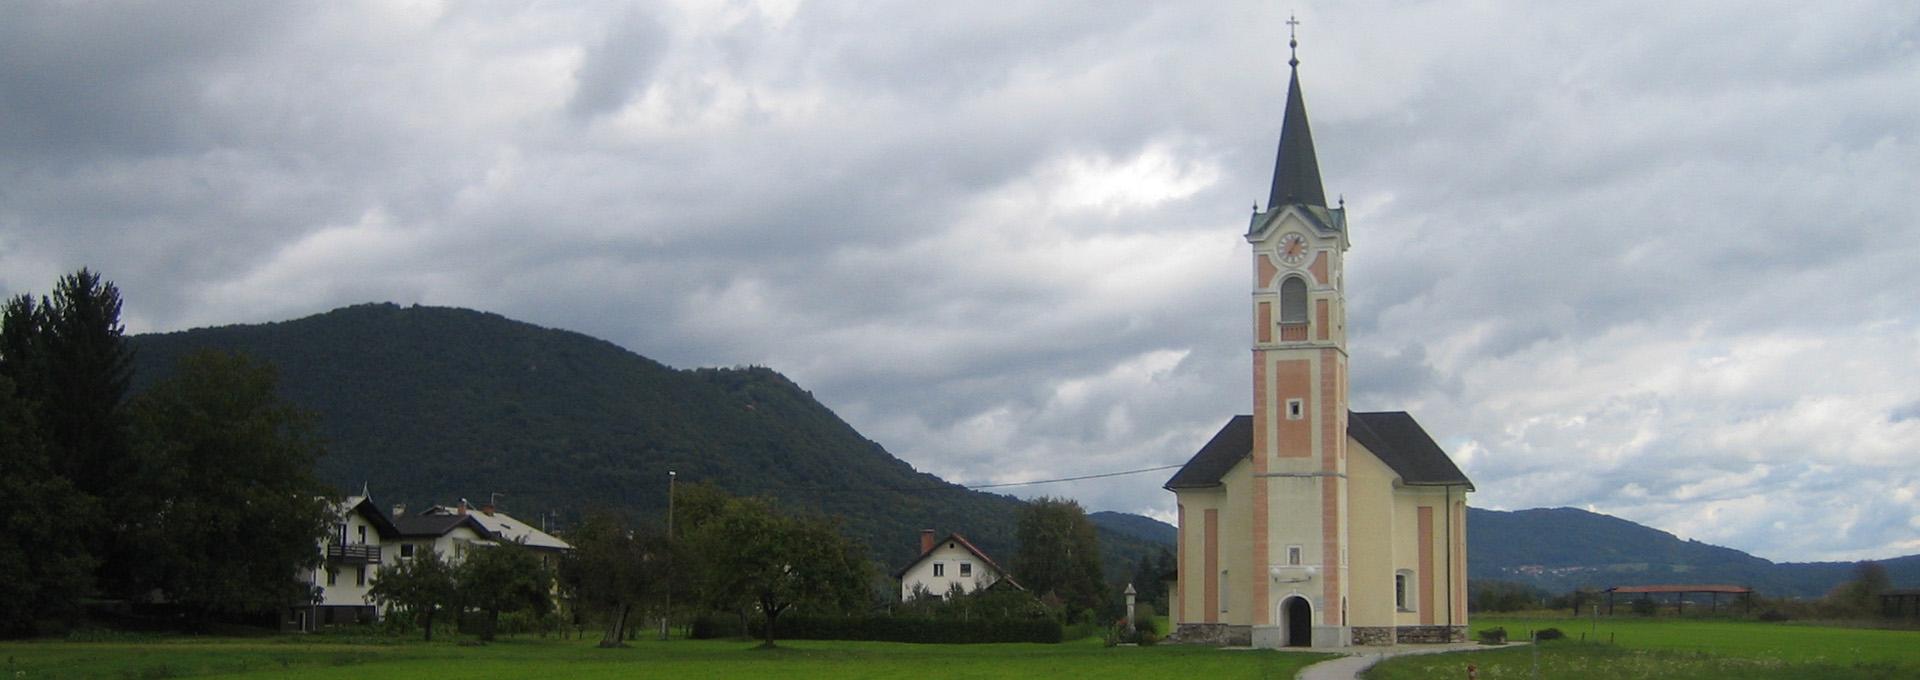 Podružnična cerkev svetega Jakoba v Stanežičah